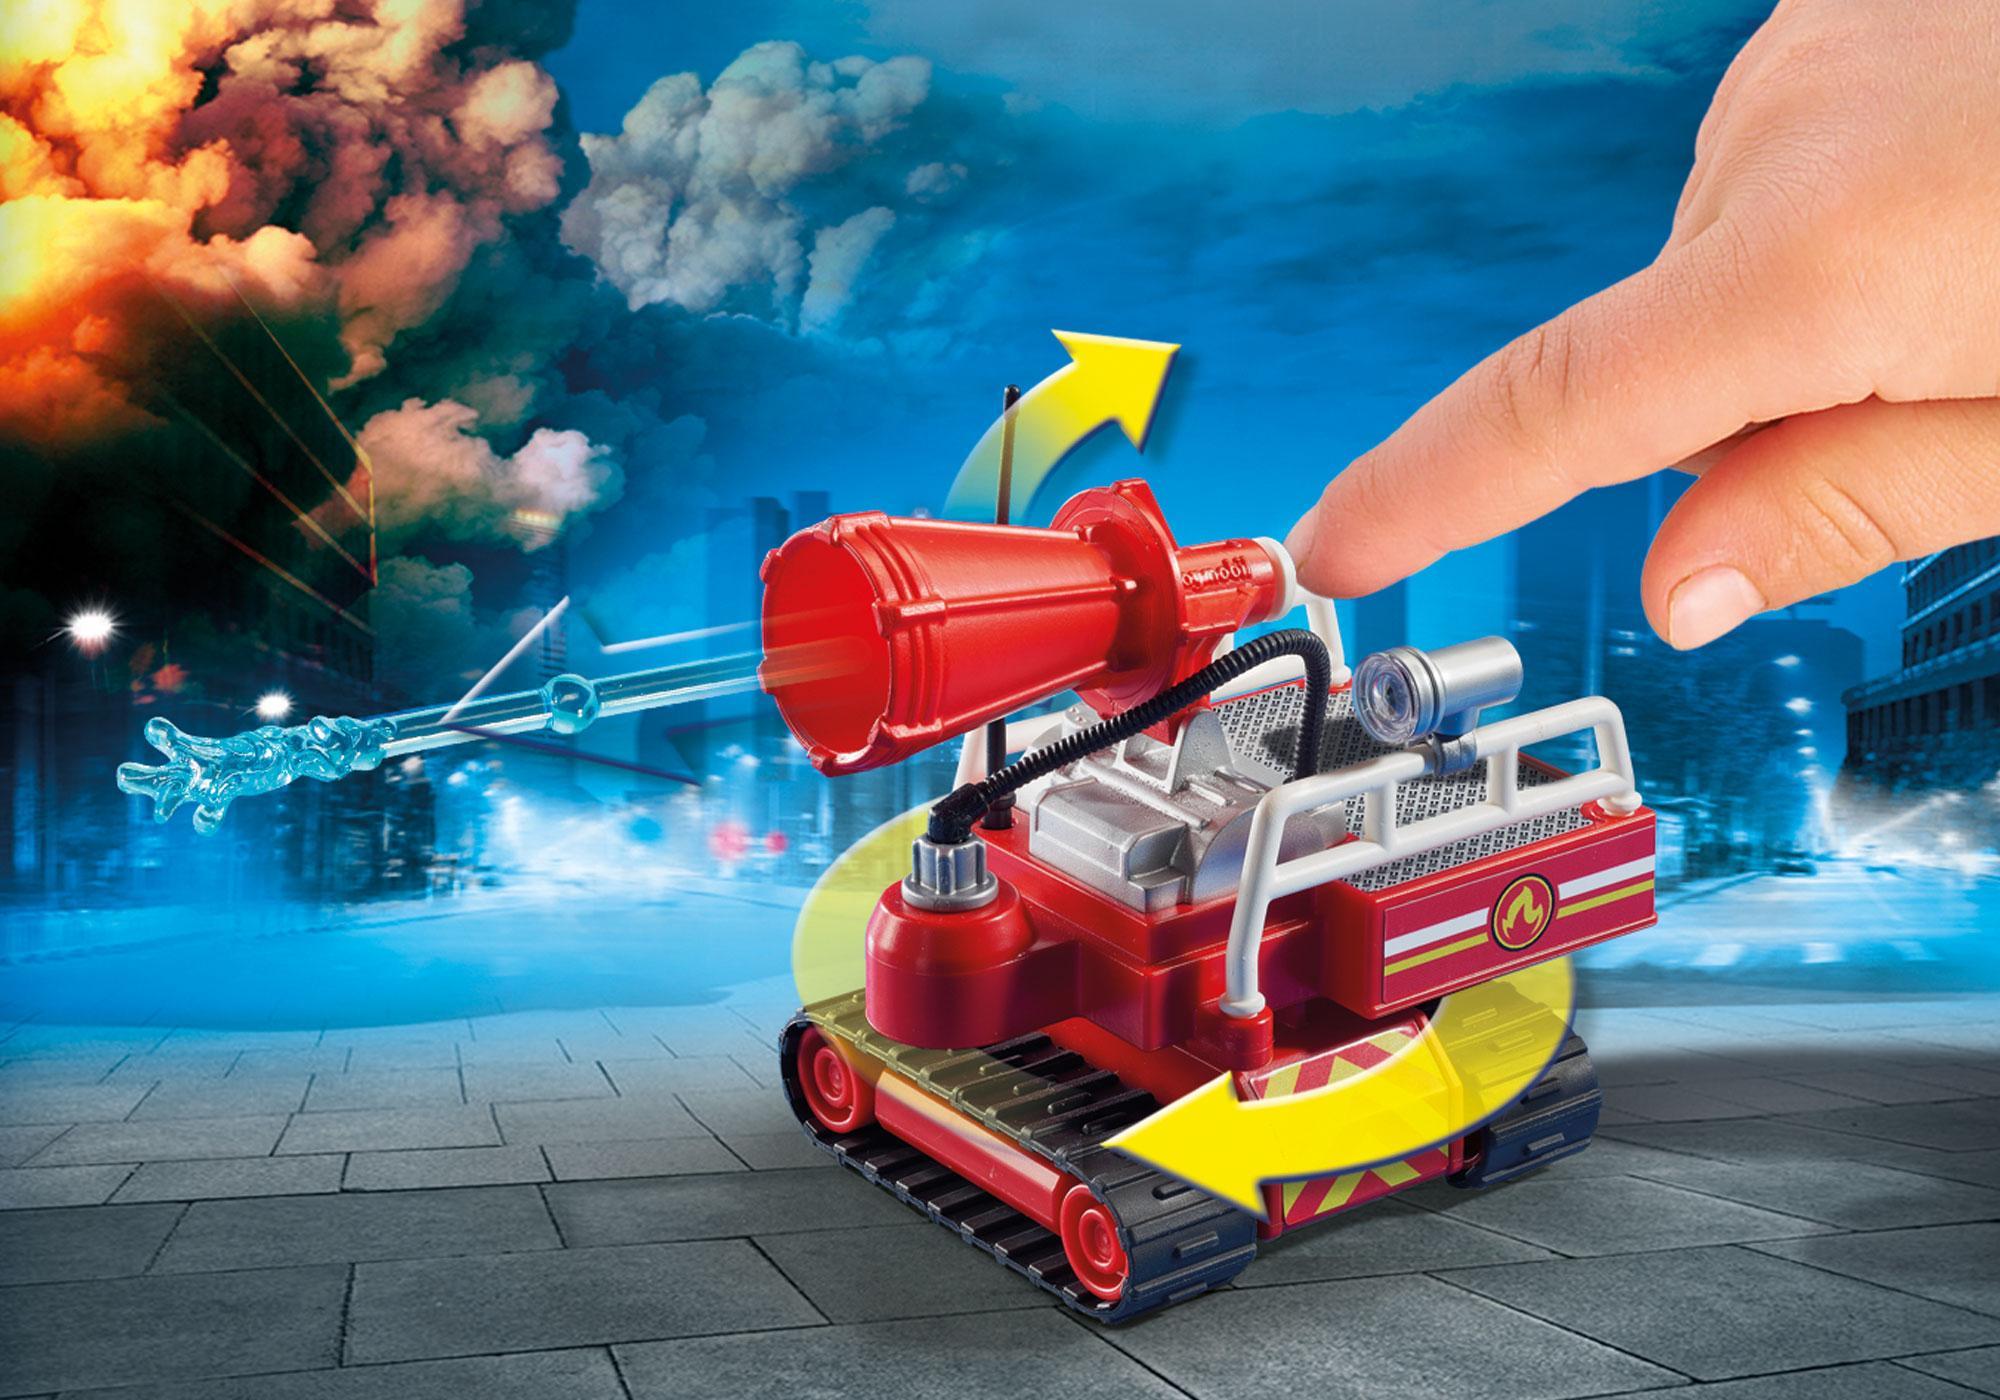 http://media.playmobil.com/i/playmobil/9467_product_extra1/Brandweer blusrobot